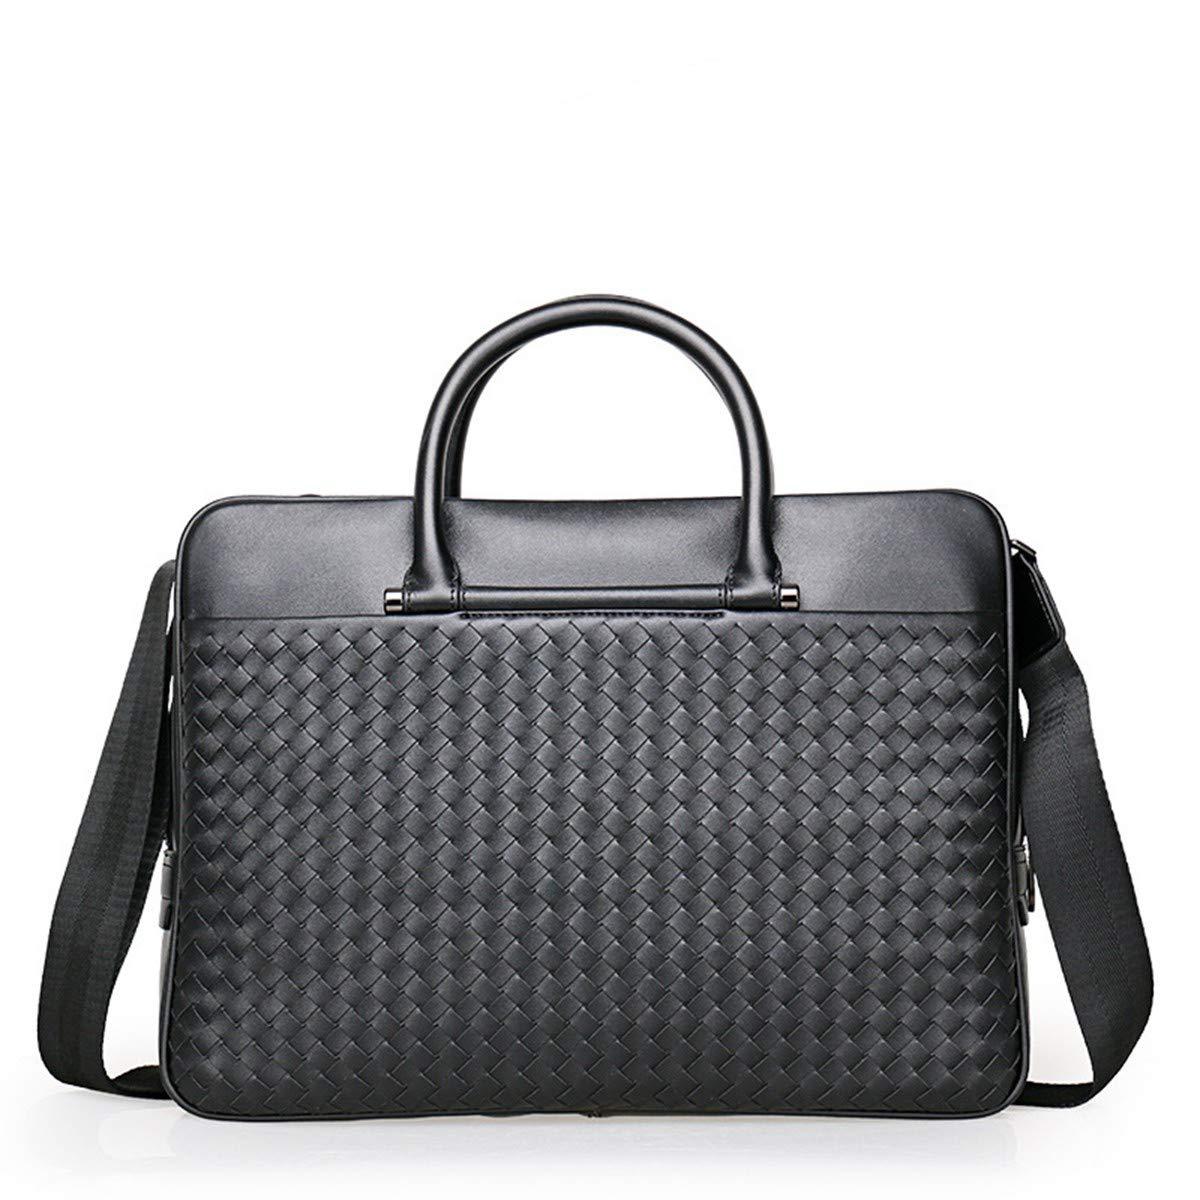 Lianai11 Laptoptasche Herren Aktentasche Hohe Kapazität Leder Geschäft Herren Aktentasche